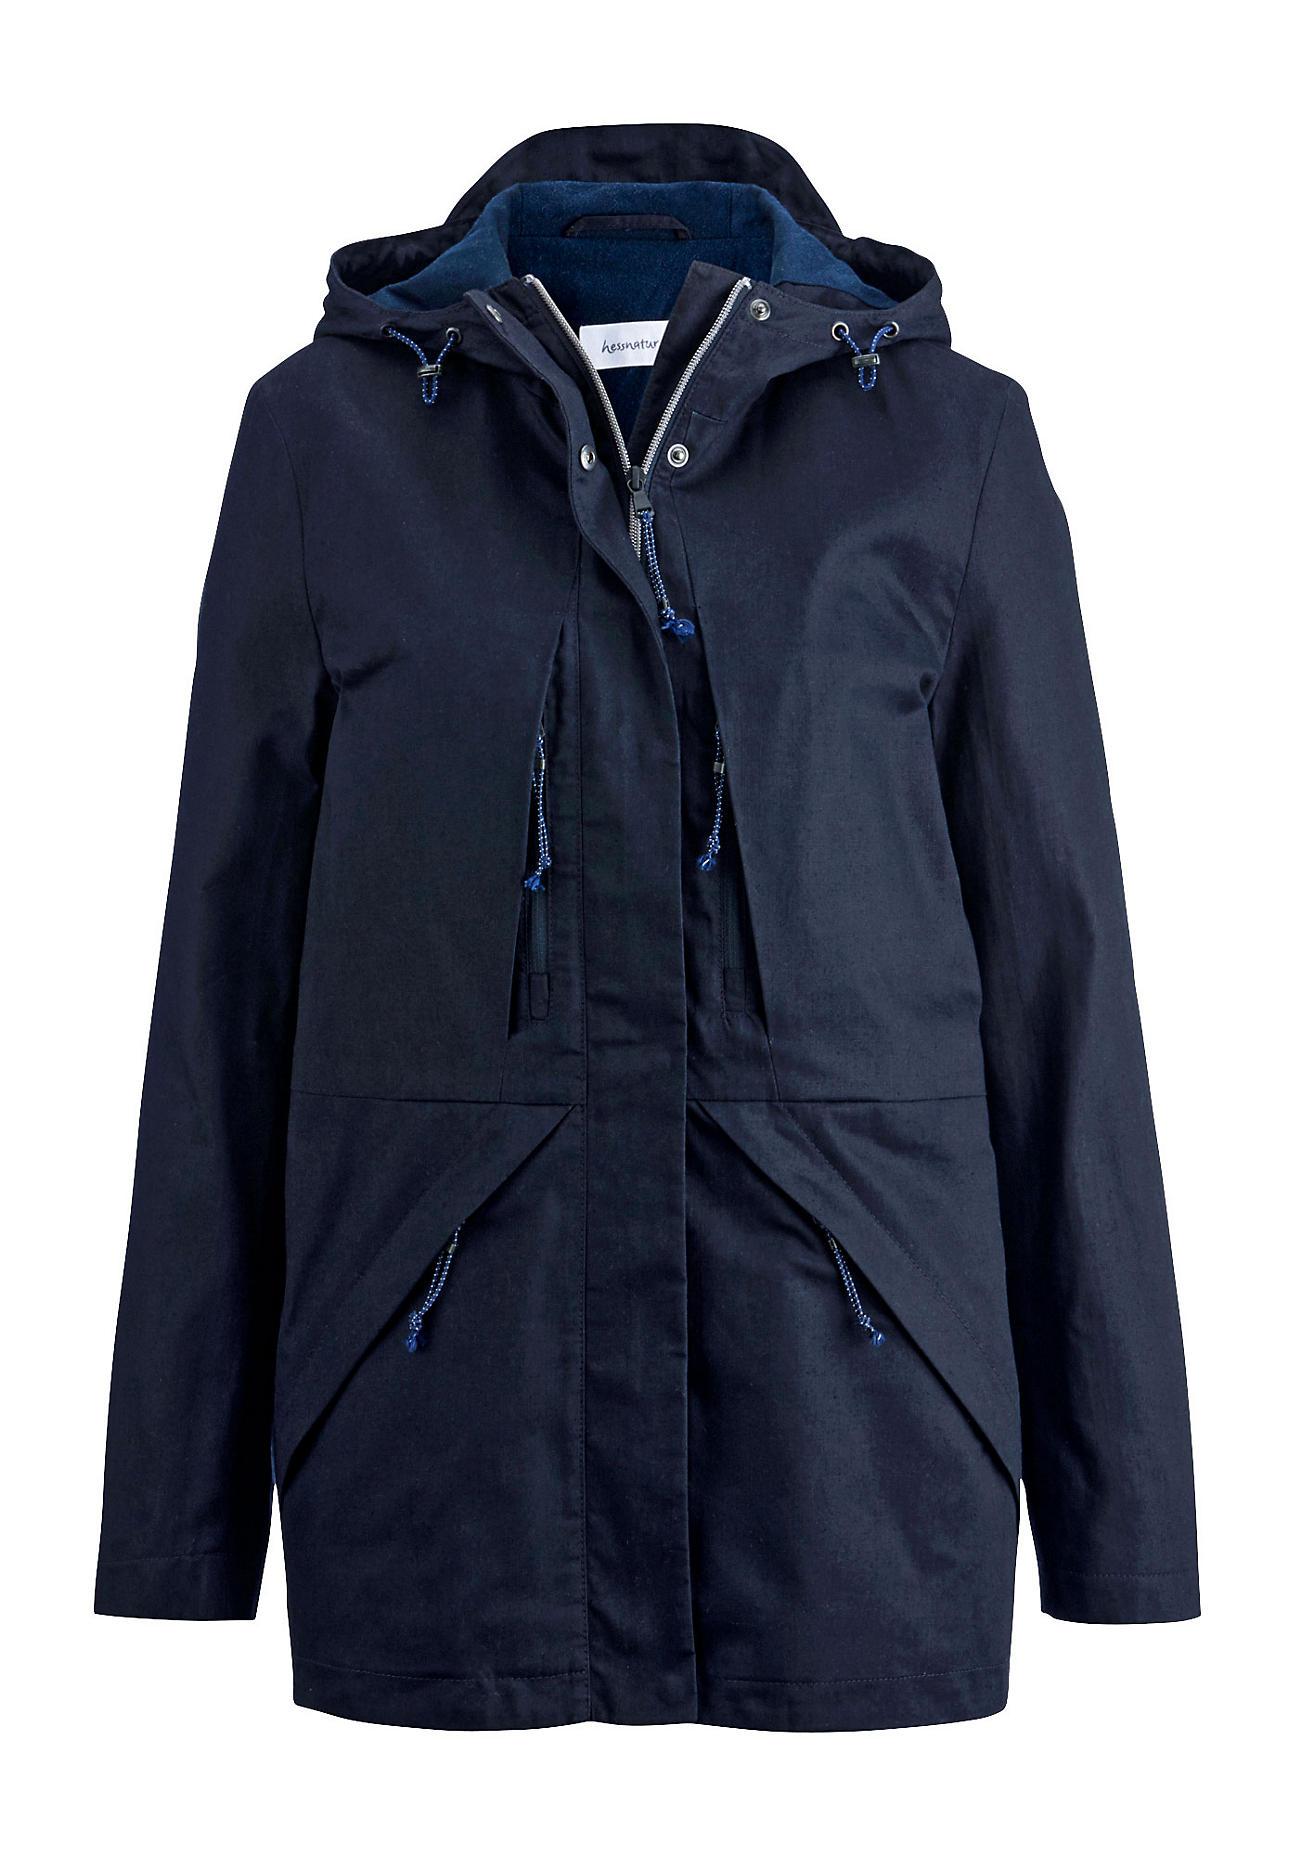 hessnatur Outdoor Wachsjacke aus Bio-Baumwolle – blau – Größe 34